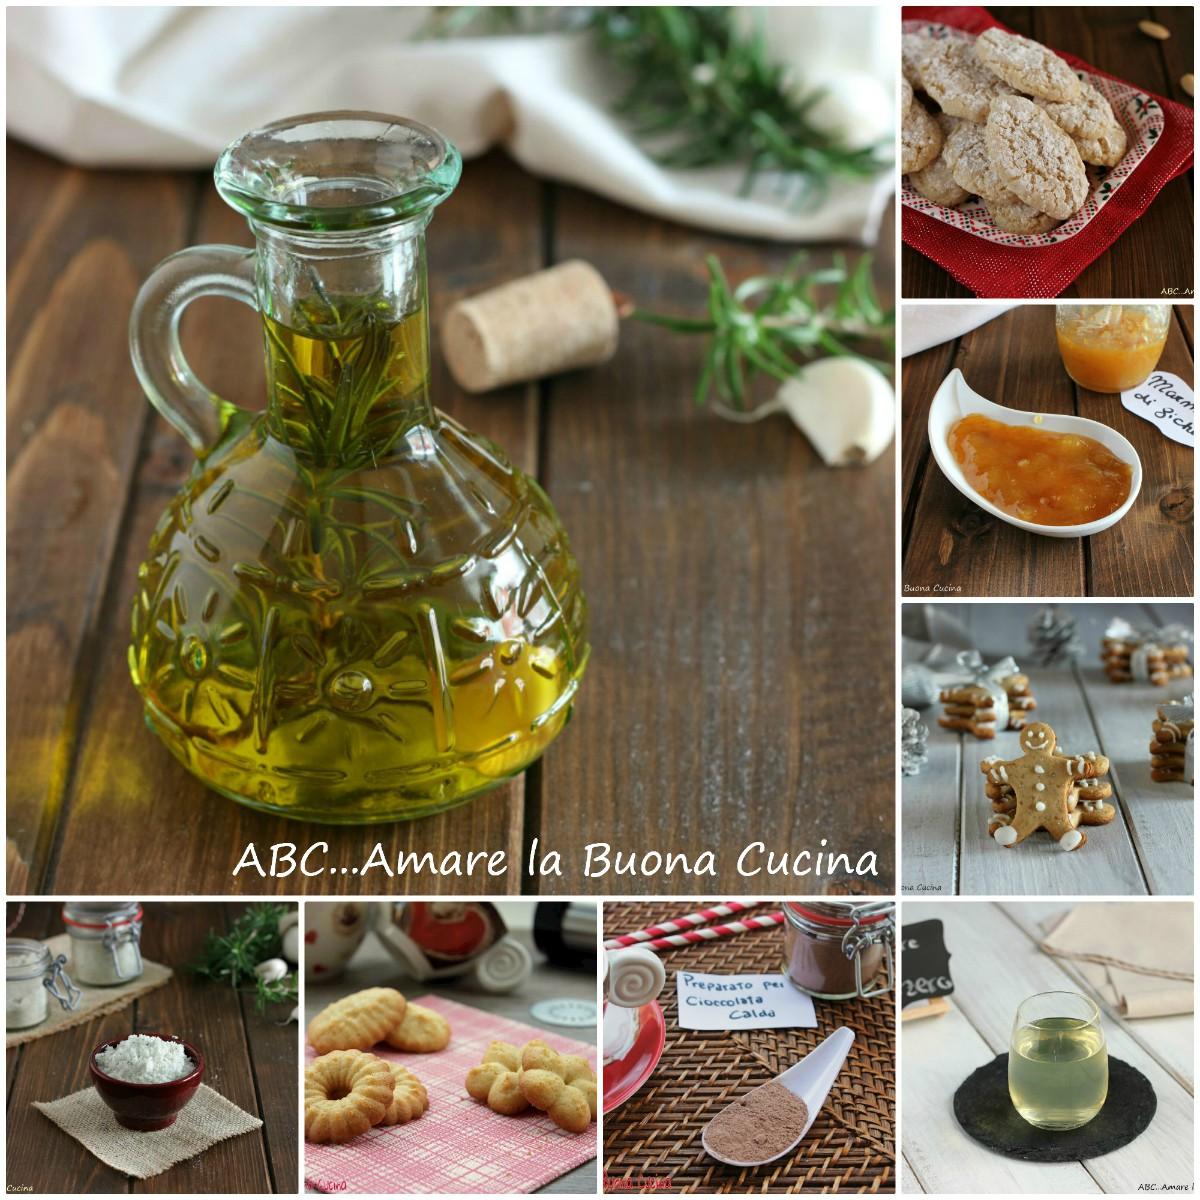 Idee Regalo Natale In Cucina.Idee Regalo Homemade Per Natale Abc Amare La Buona Cucina